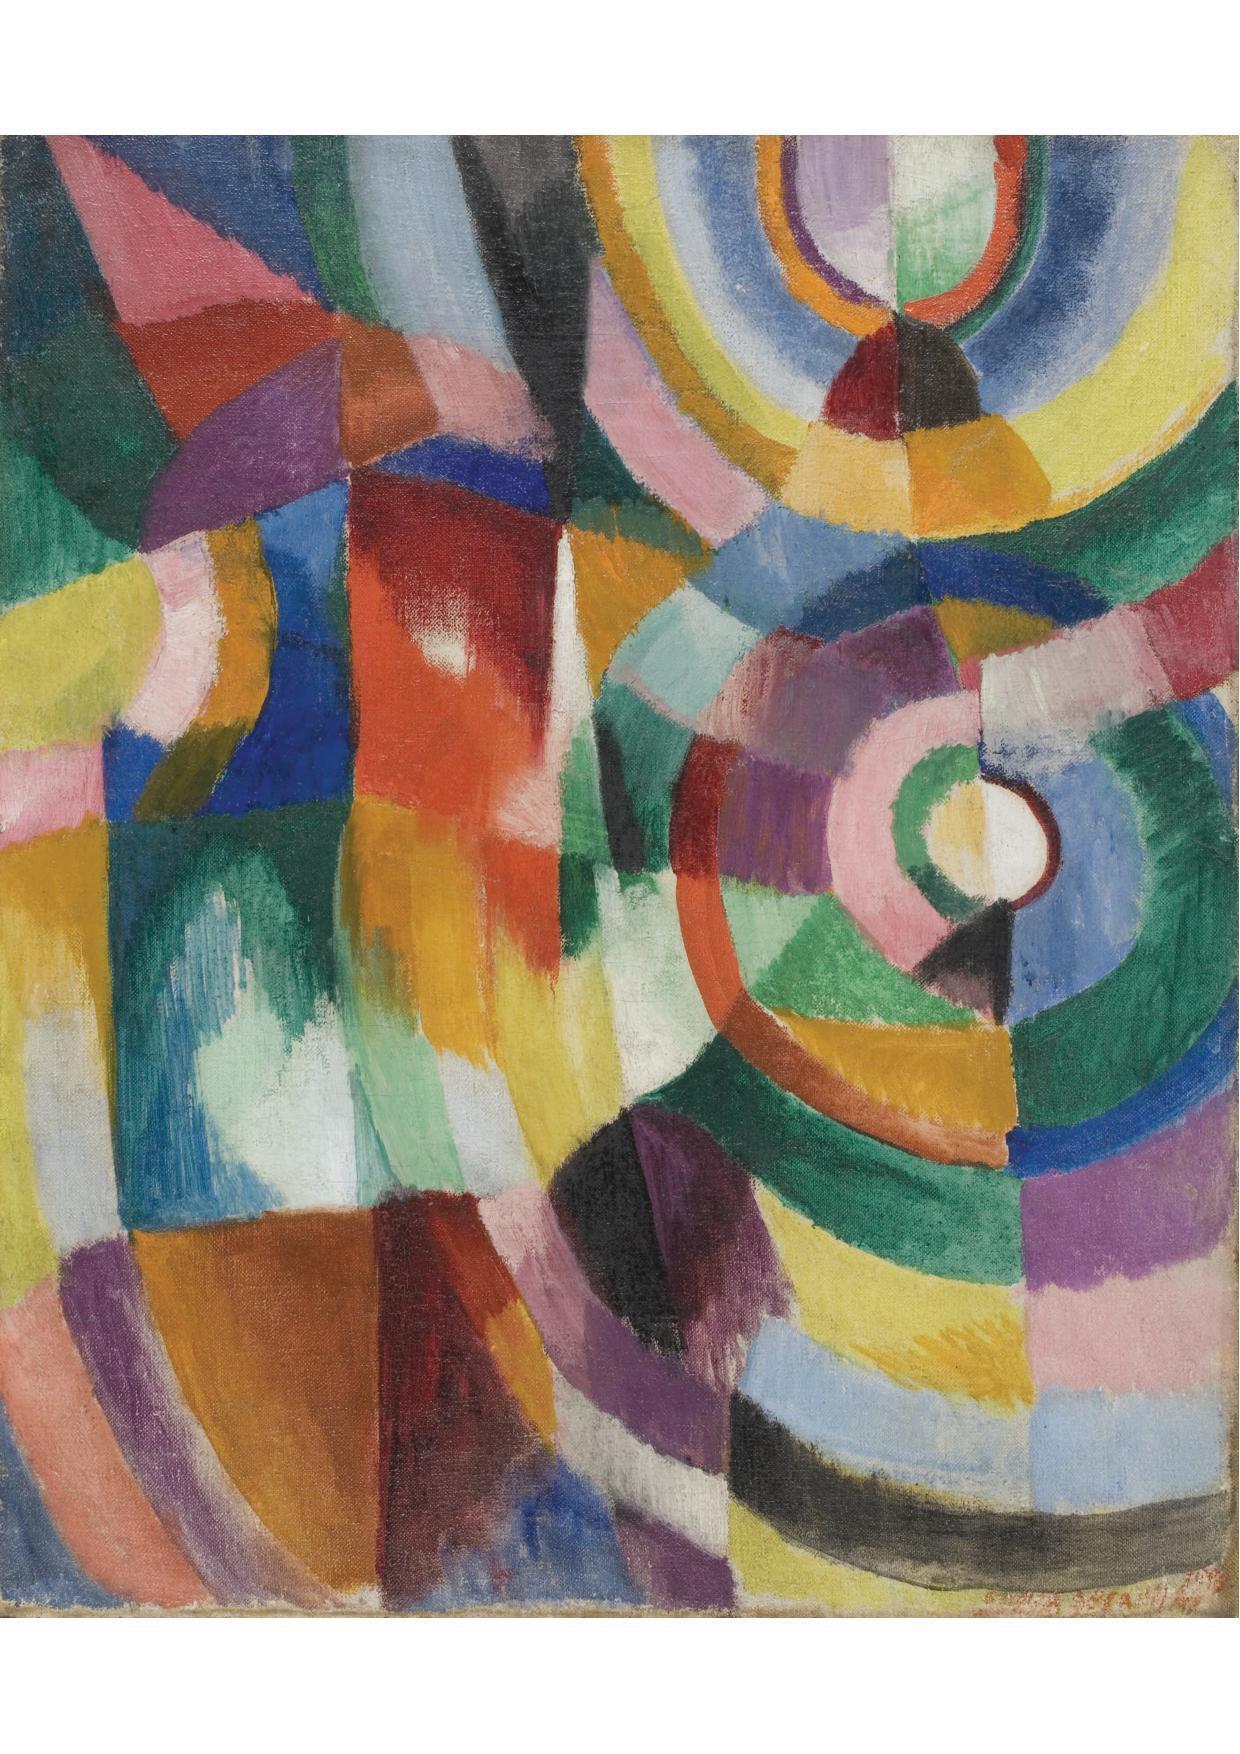 Sonia Delaunay Prismes électriques, 1913-1914.